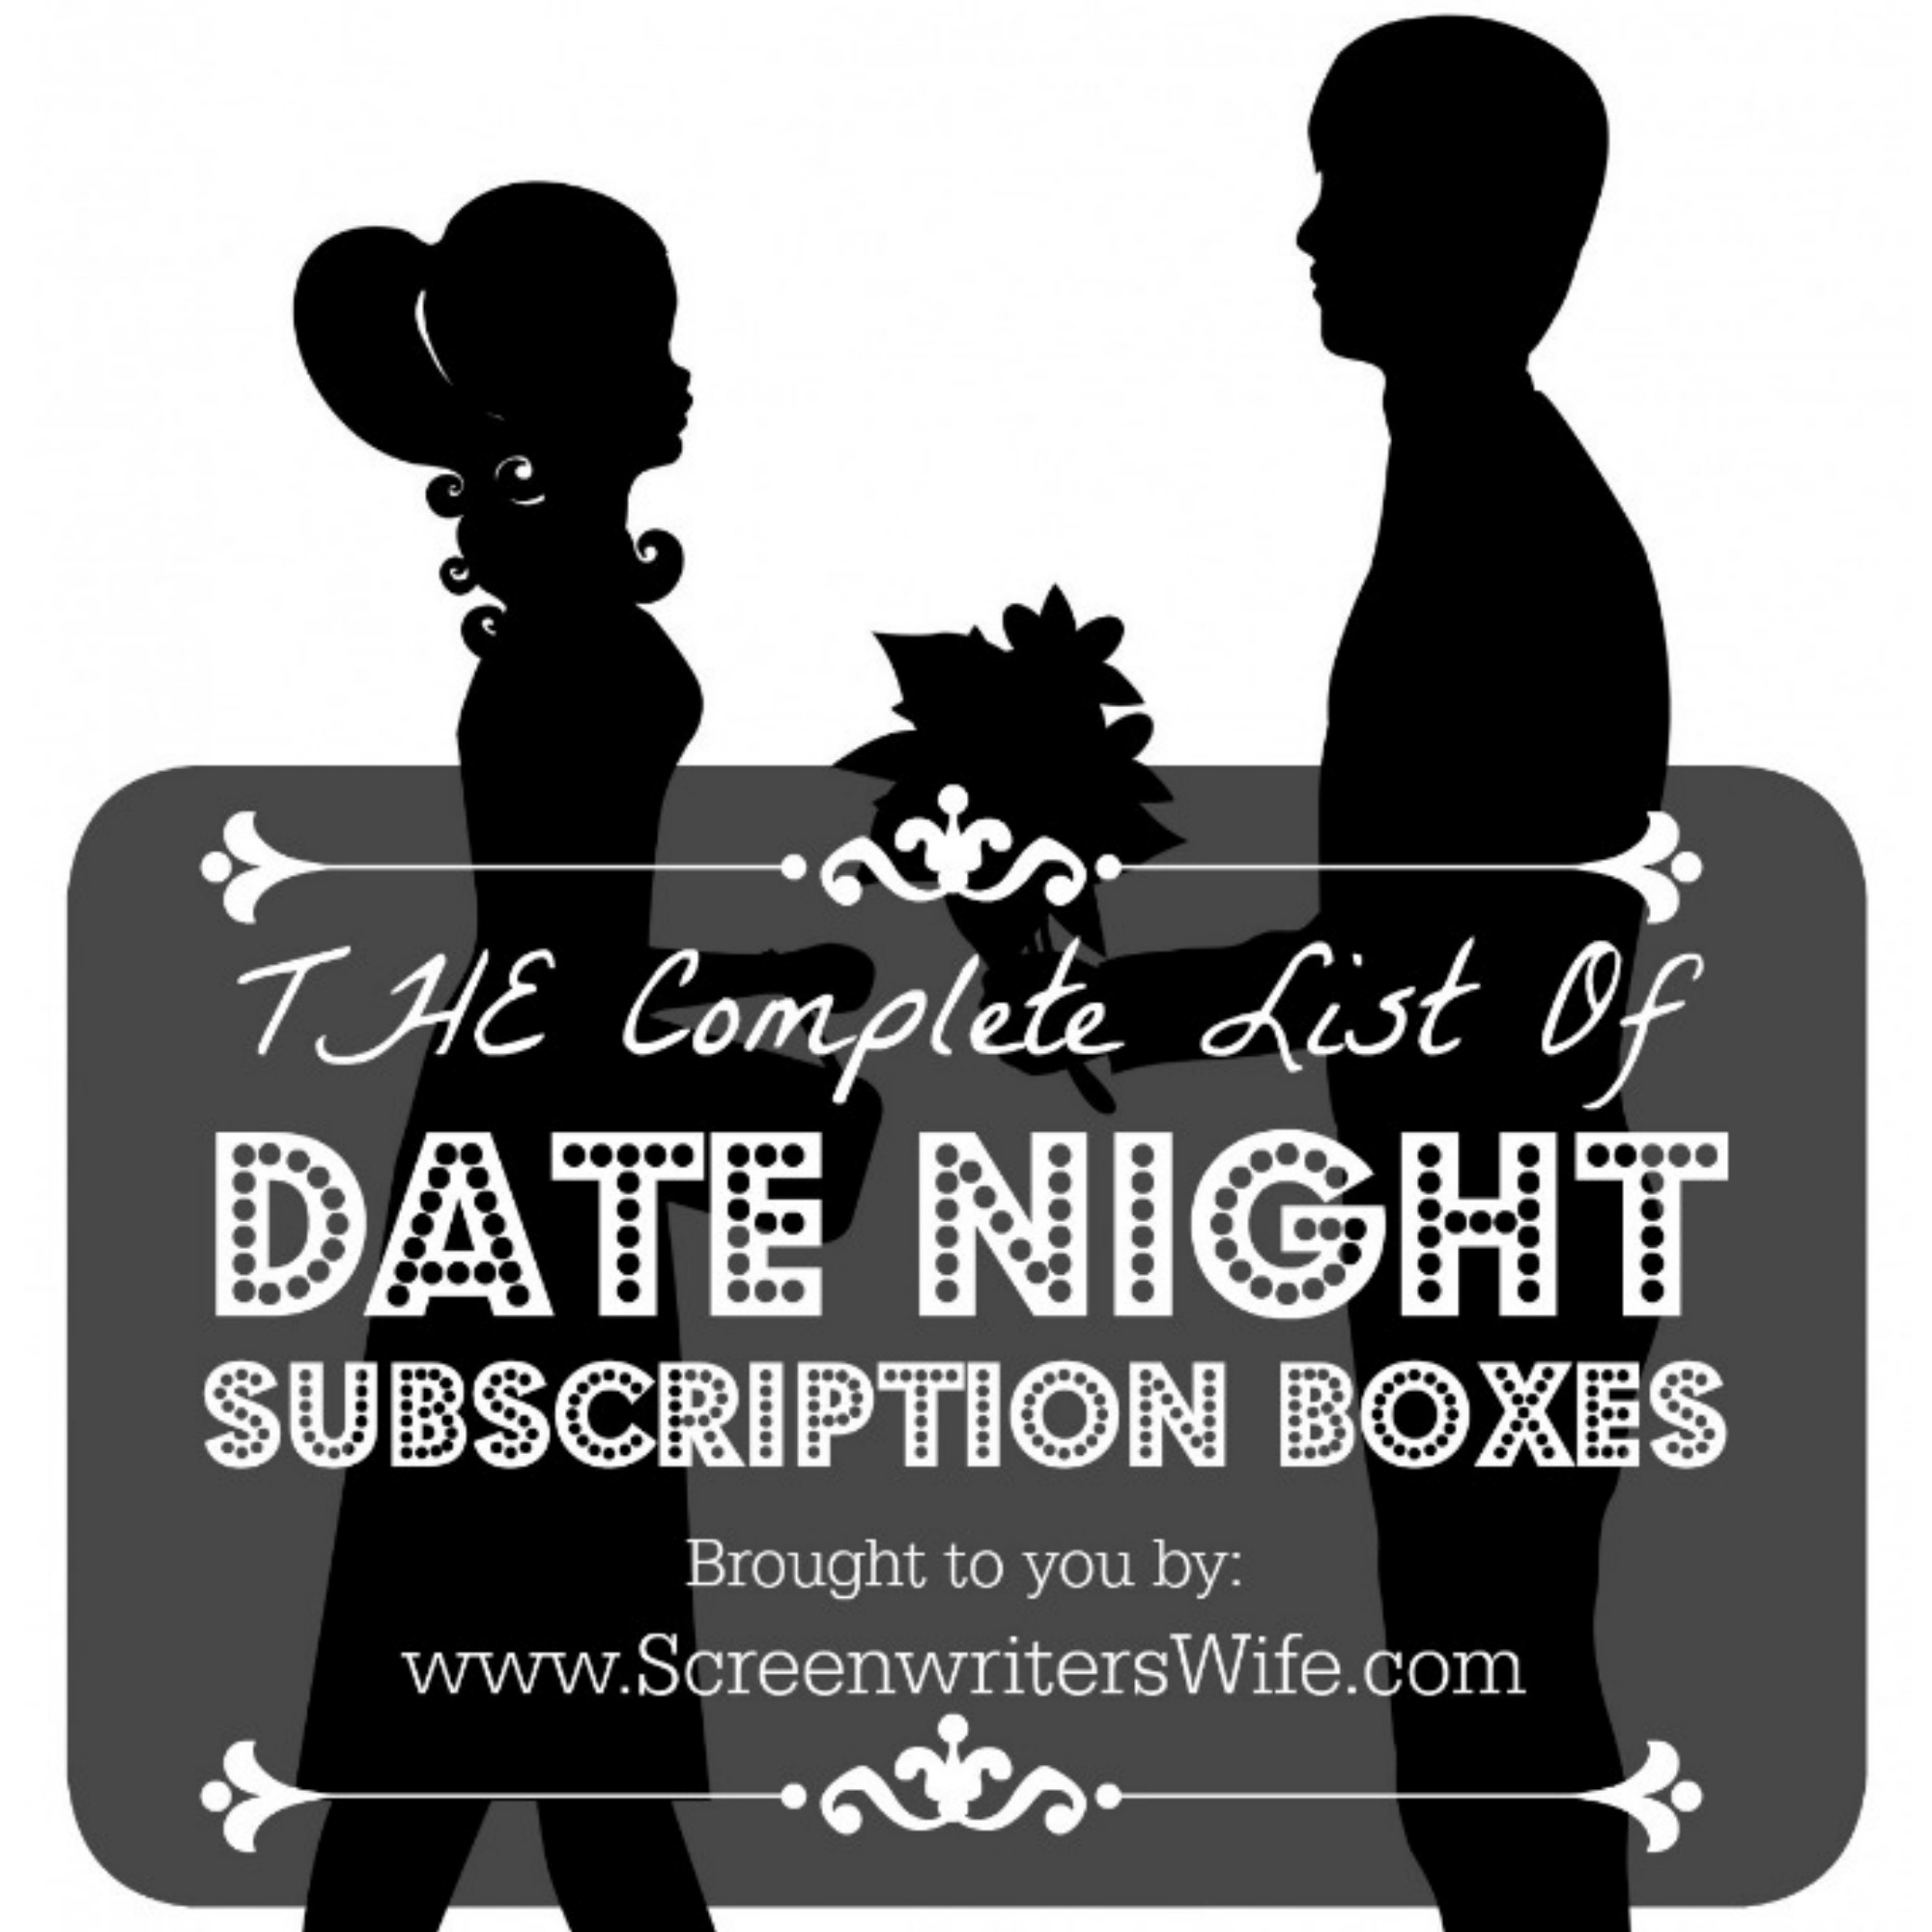 datenightboxes_sq